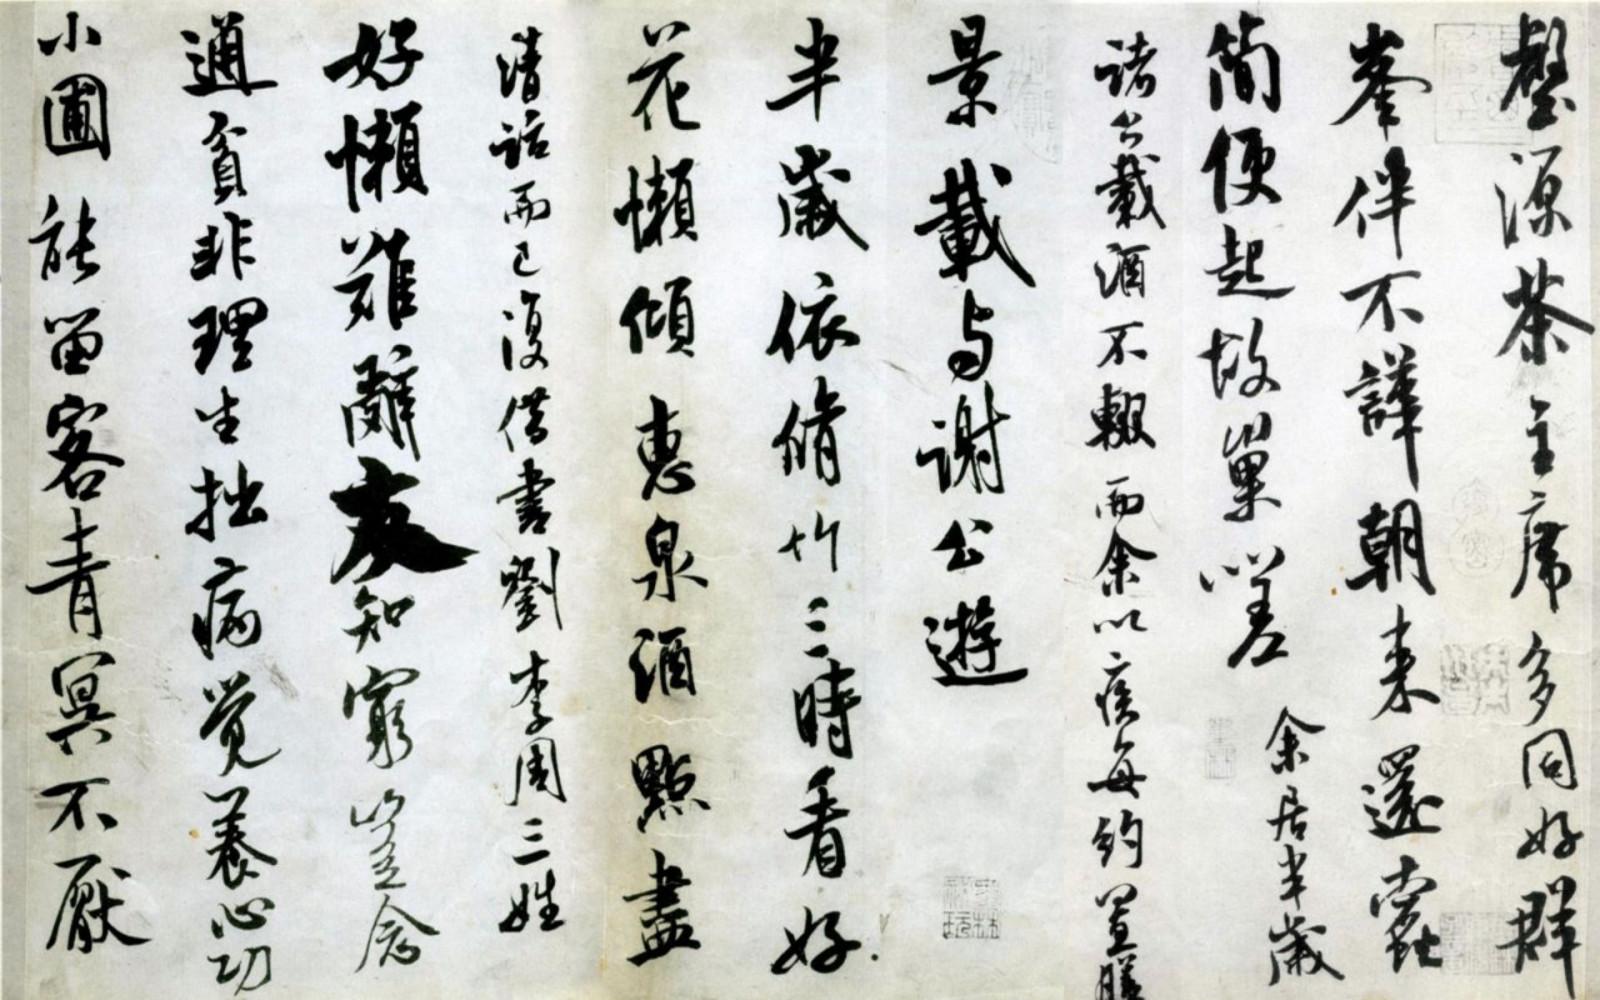 Картинка с надписями на китайском